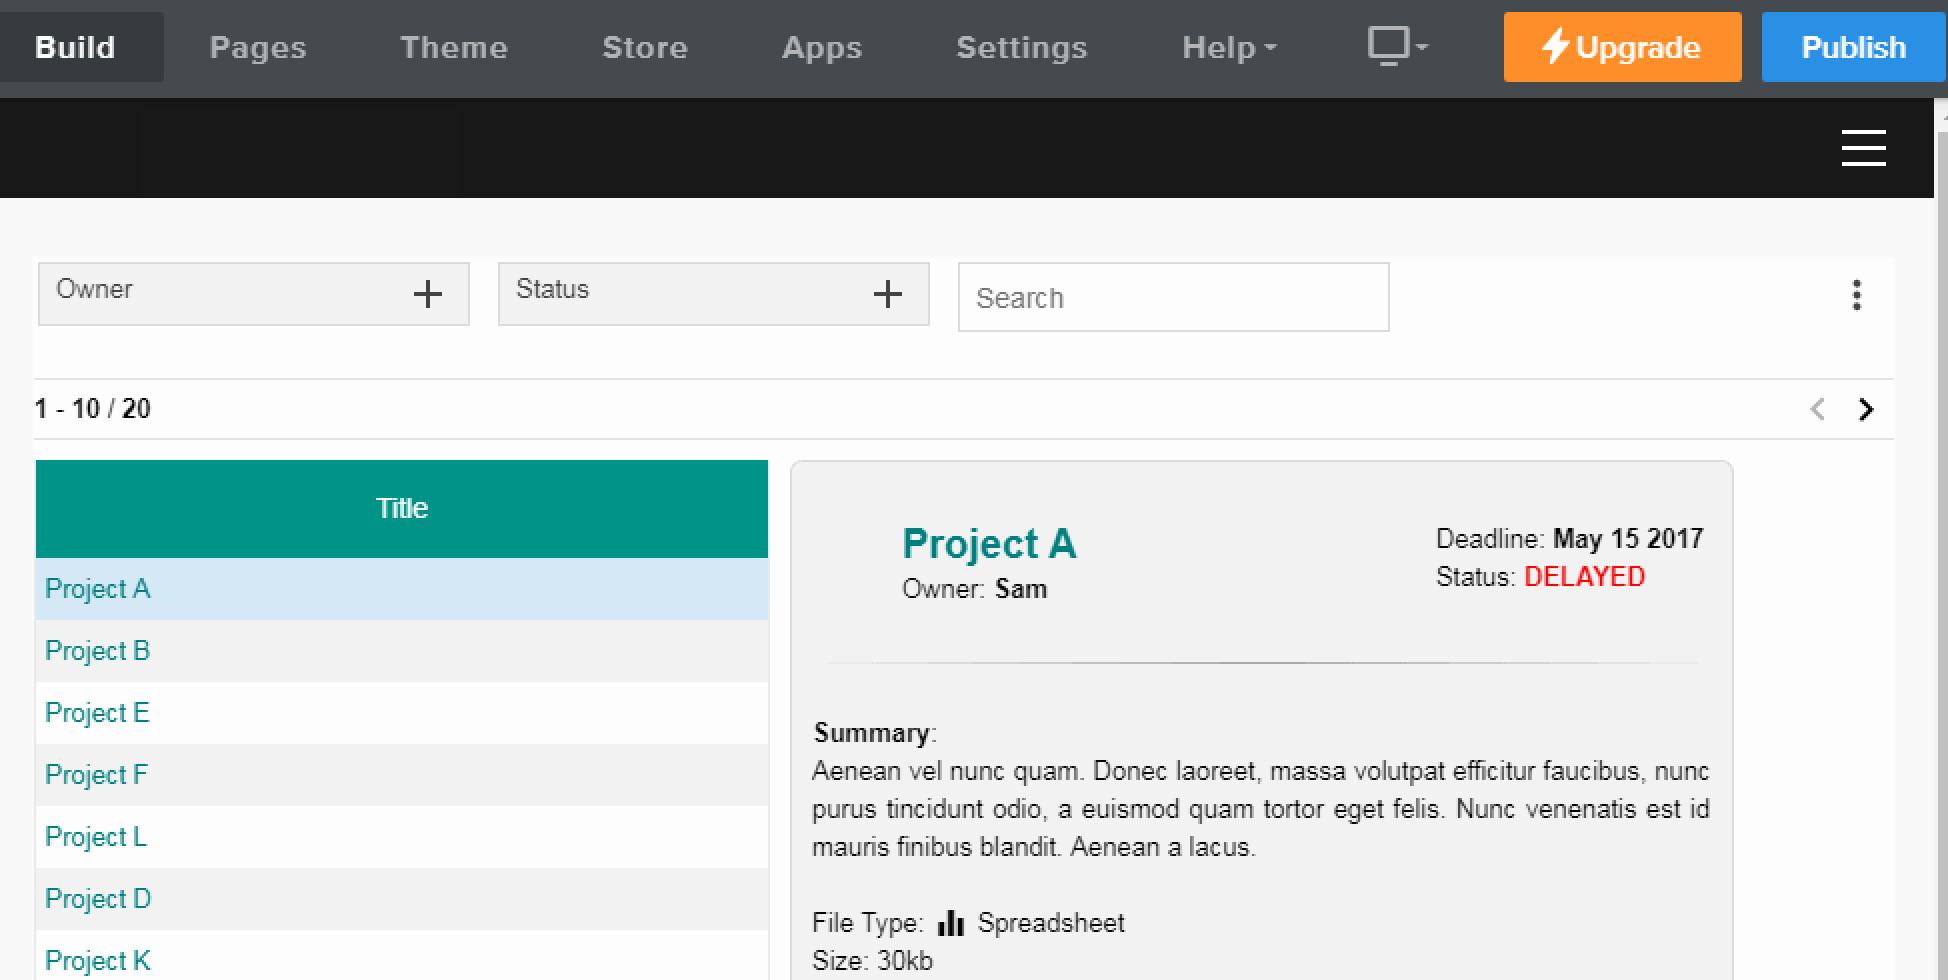 Screenshot_2020-05-07_at_16.08.25.png